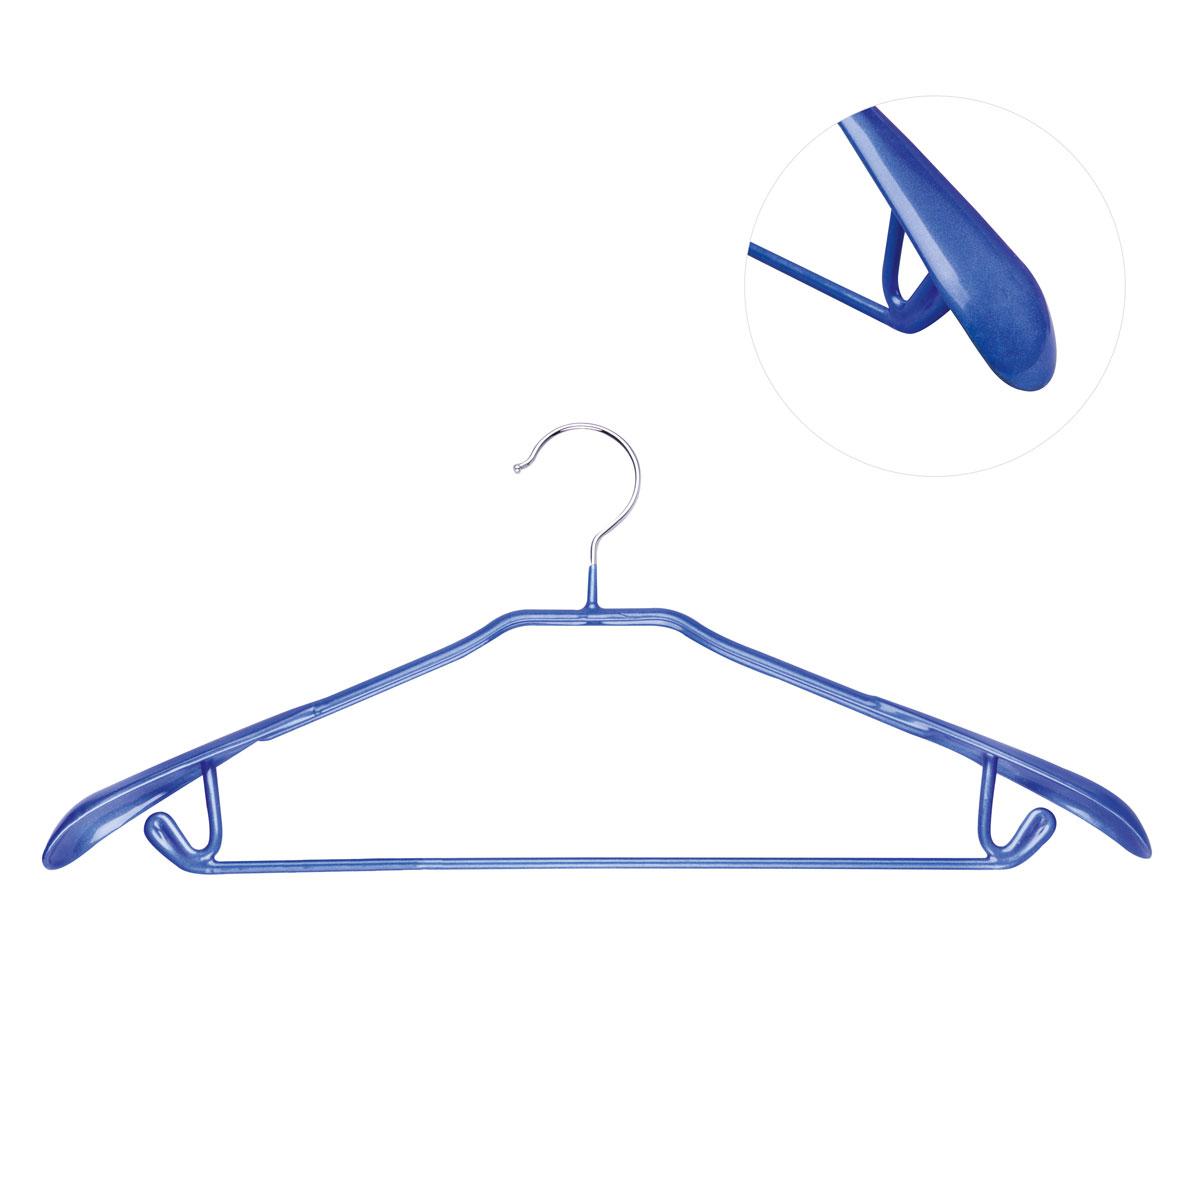 Вешалка для брюк Miolla, цвет: синий, длина 43 смRG-D31SВешалка для брюк Miolla выполнена из металла с покрытием синего цвета. Крючки вешалки прорезинены, что исключает случайное повреждение одежды. Вешалка Miolla станет практичным и полезным аксессуаром в вашем гардеробе.Длина: 43 см.